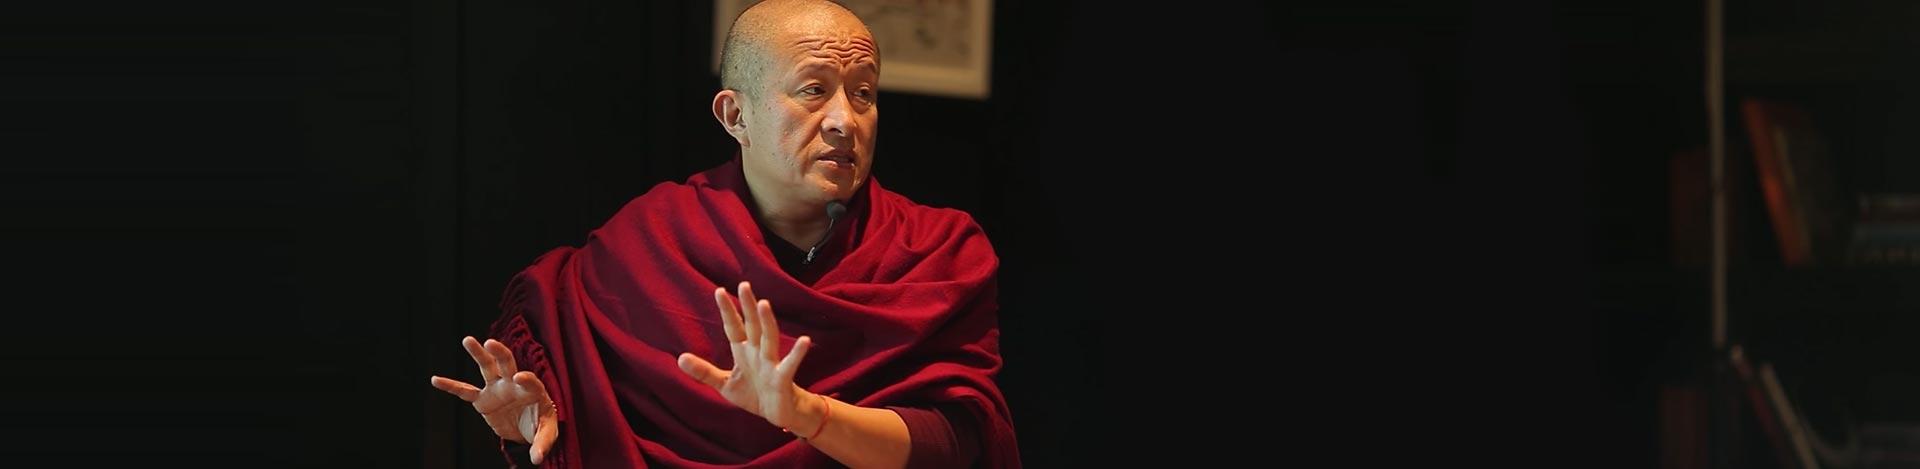 Dzongsar Khyentse Rinpoche portrait